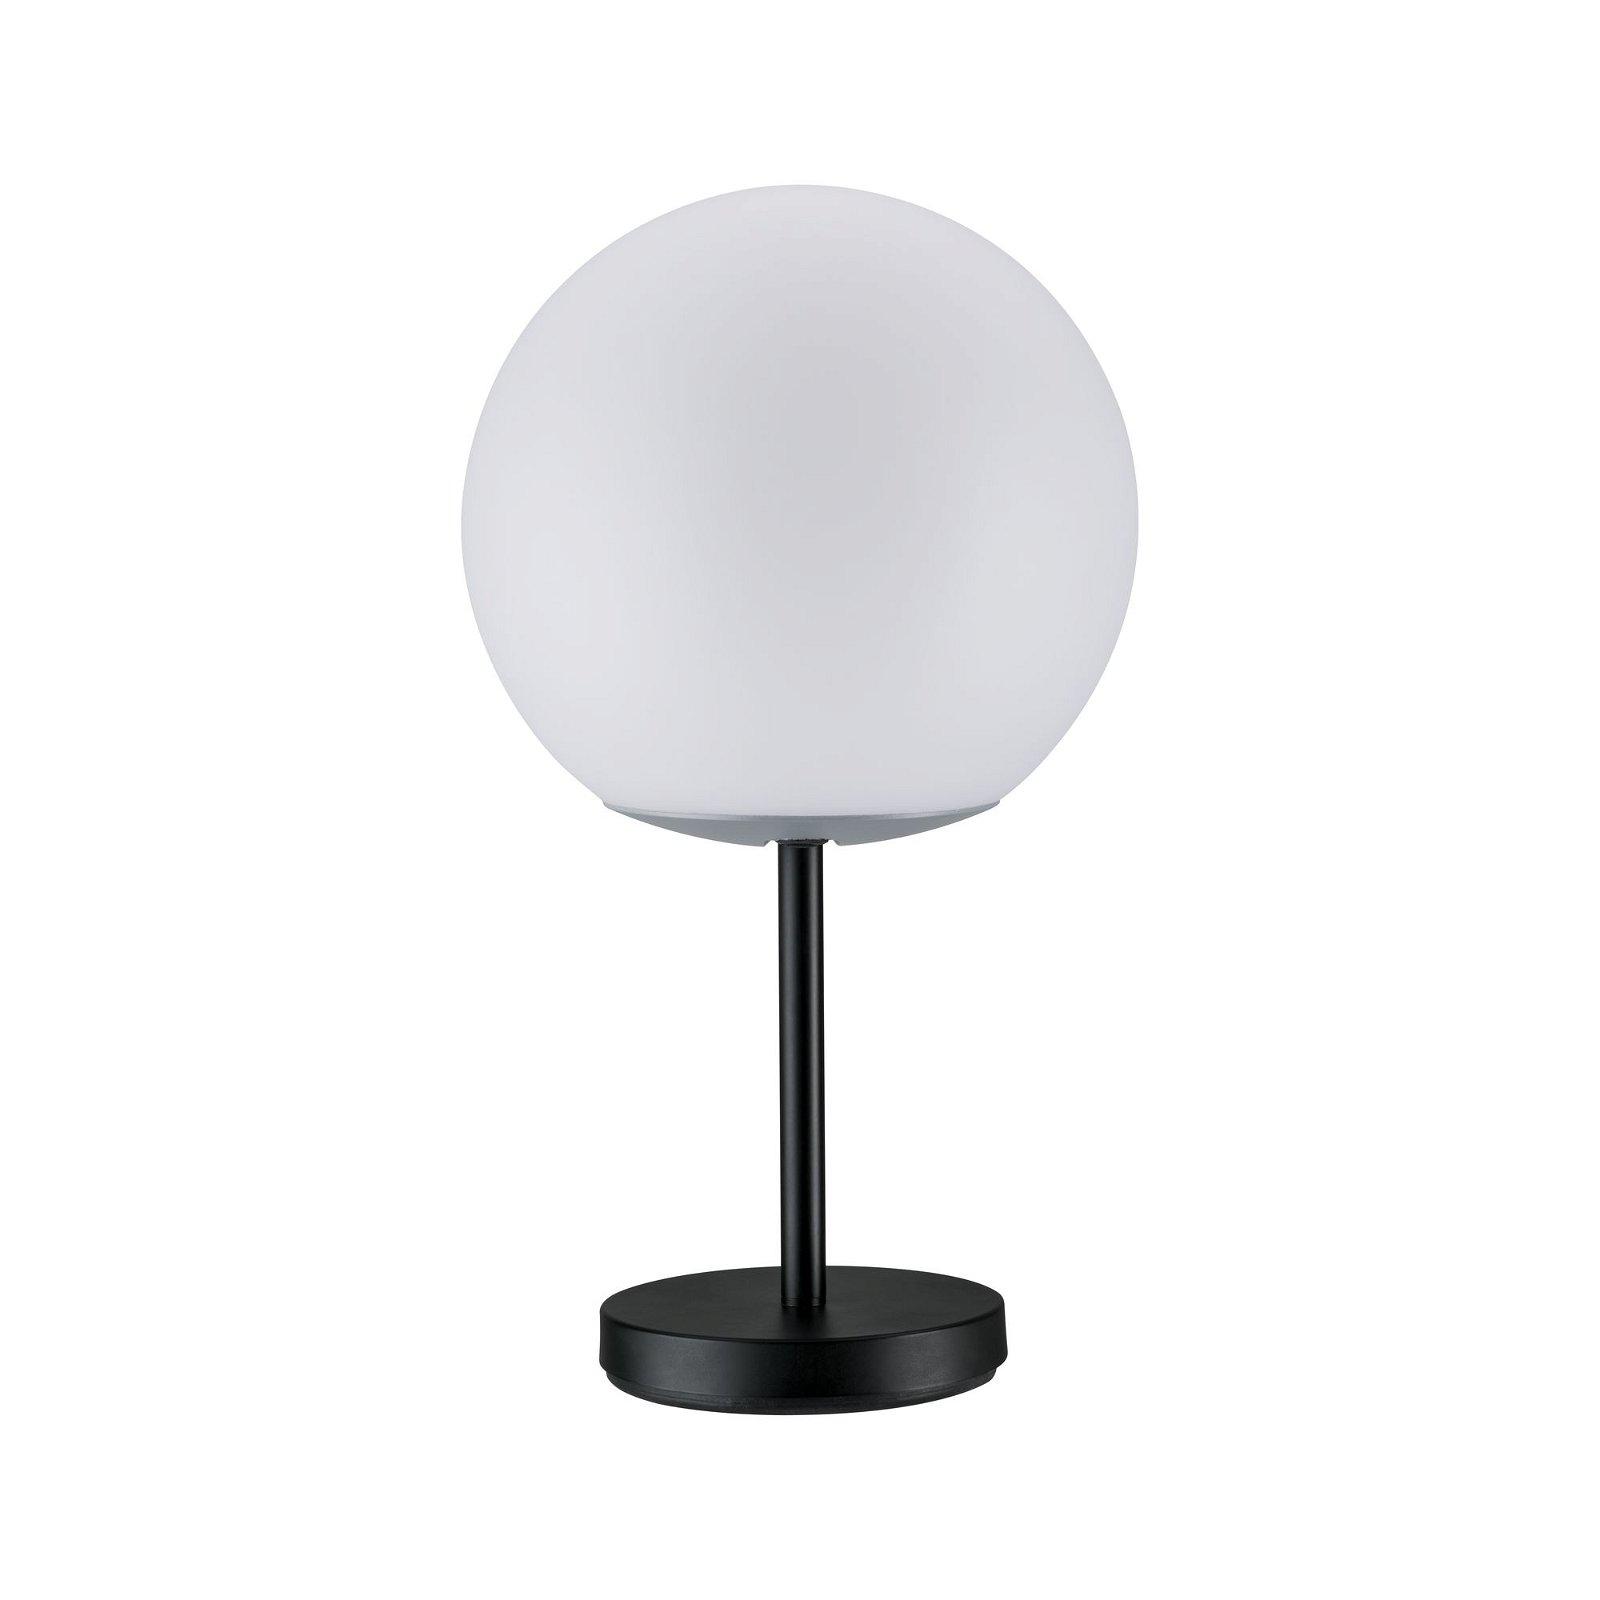 Accessoire système de lampe Mobile Companion Pied de lampe à poser anthracite